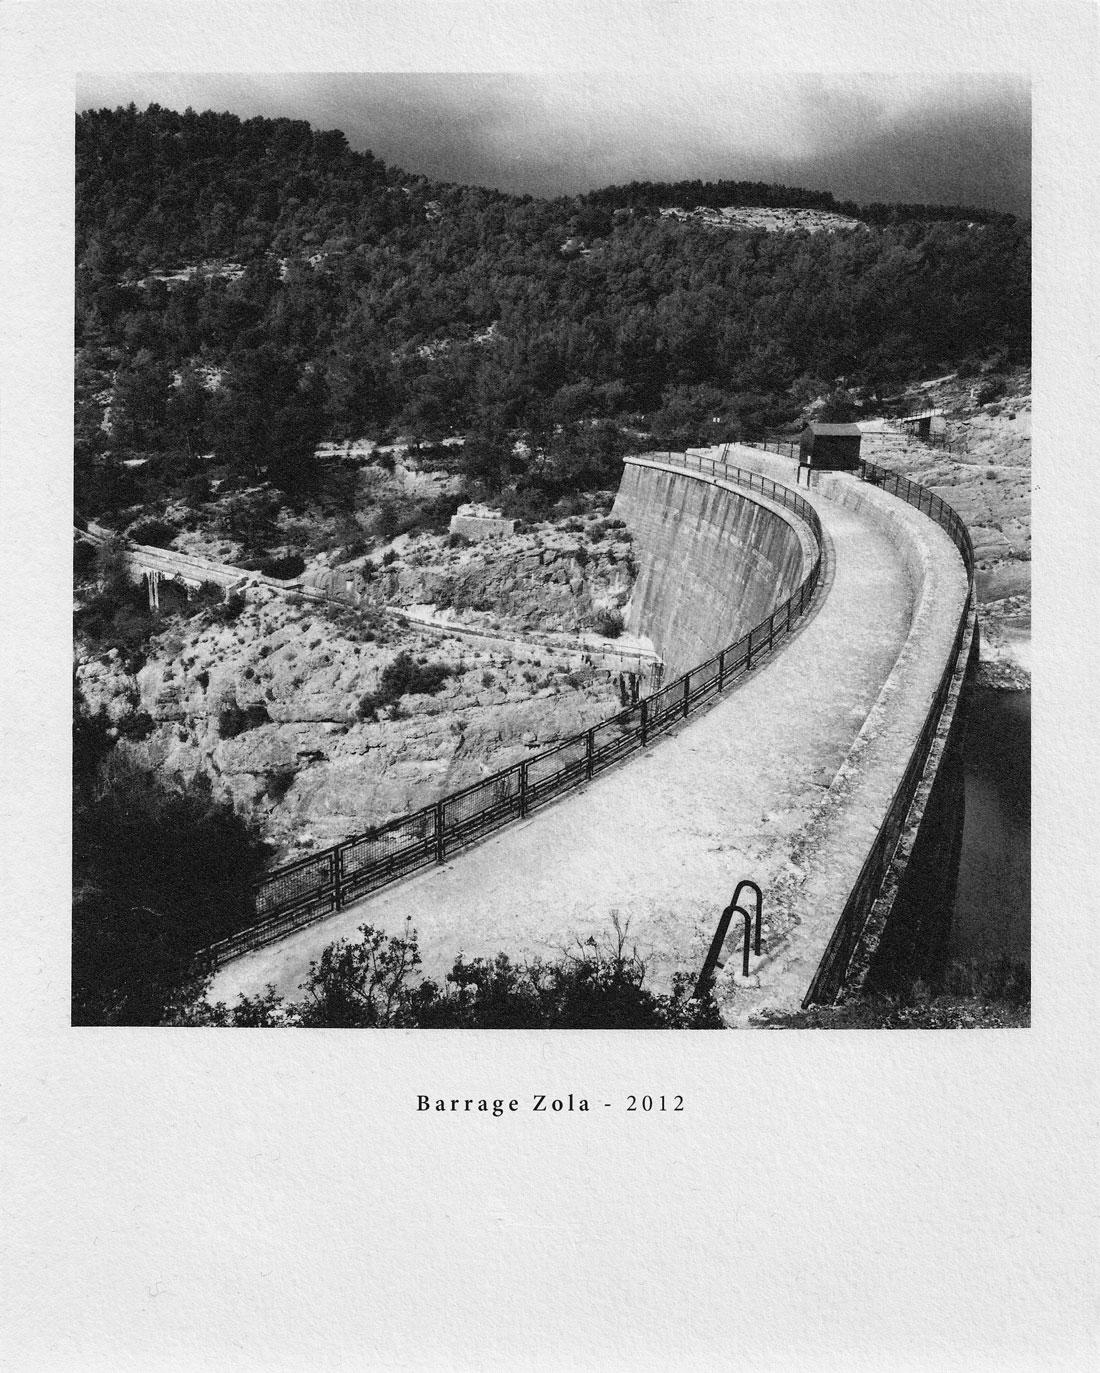 09-Barrage-Zola